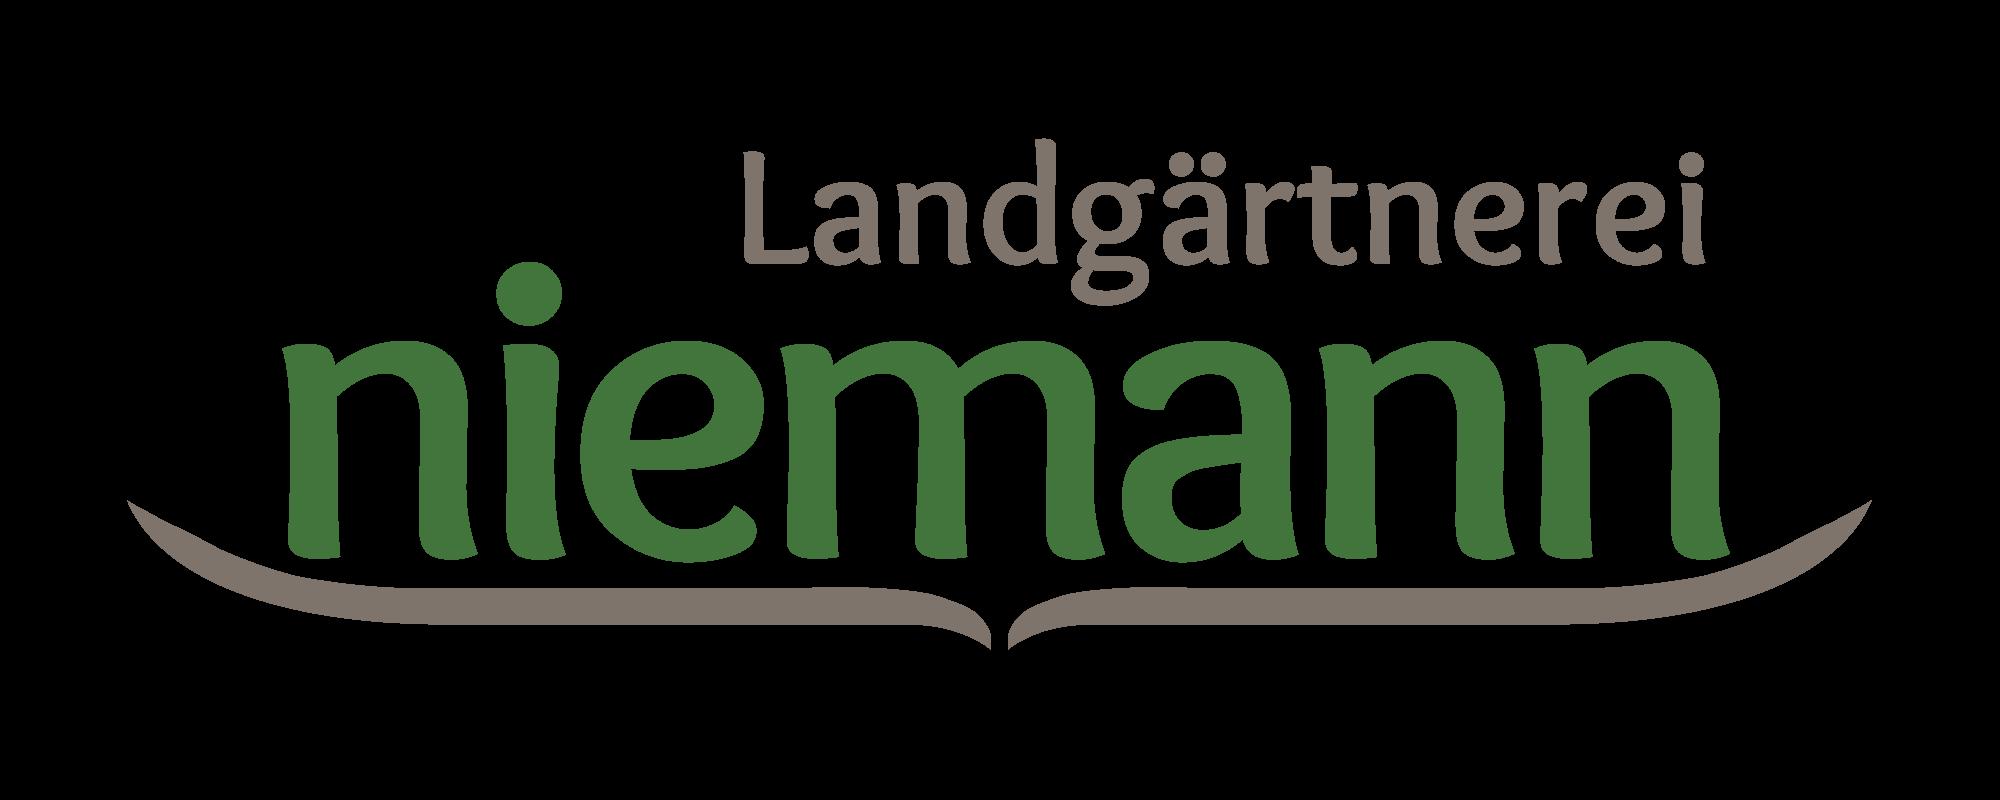 Niemann - Die Landgärtnerei